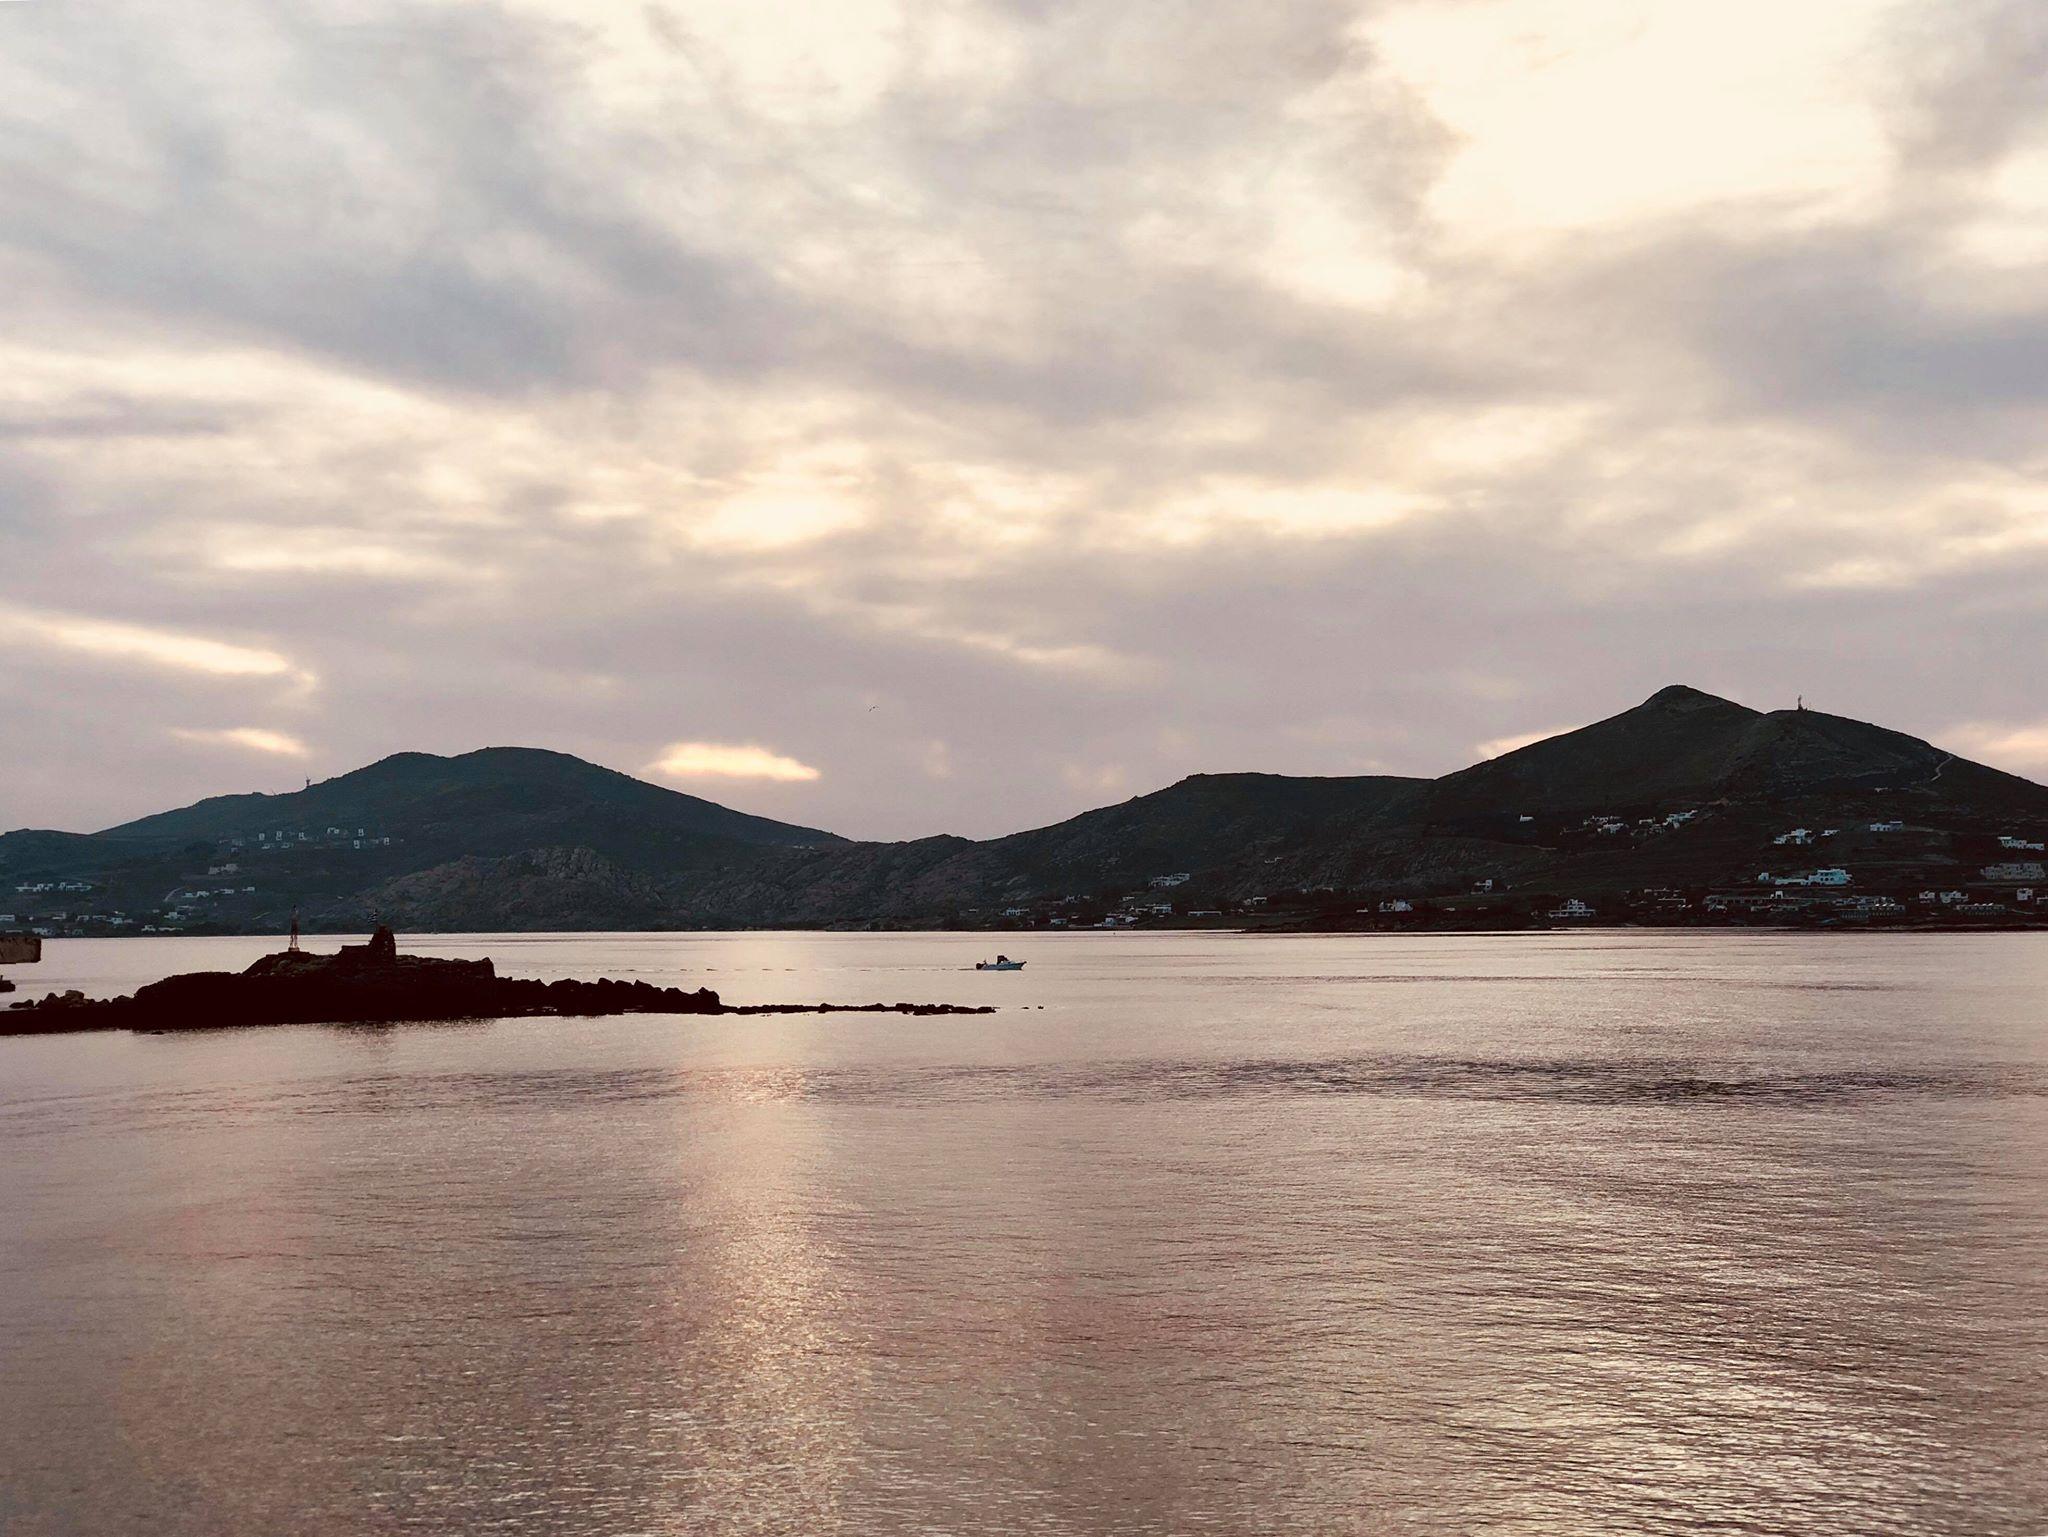 Το Forbes προτείνει τους 10 κορυφαίους ελληνικούς προορισμούς για το καλοκαίρι του 2018